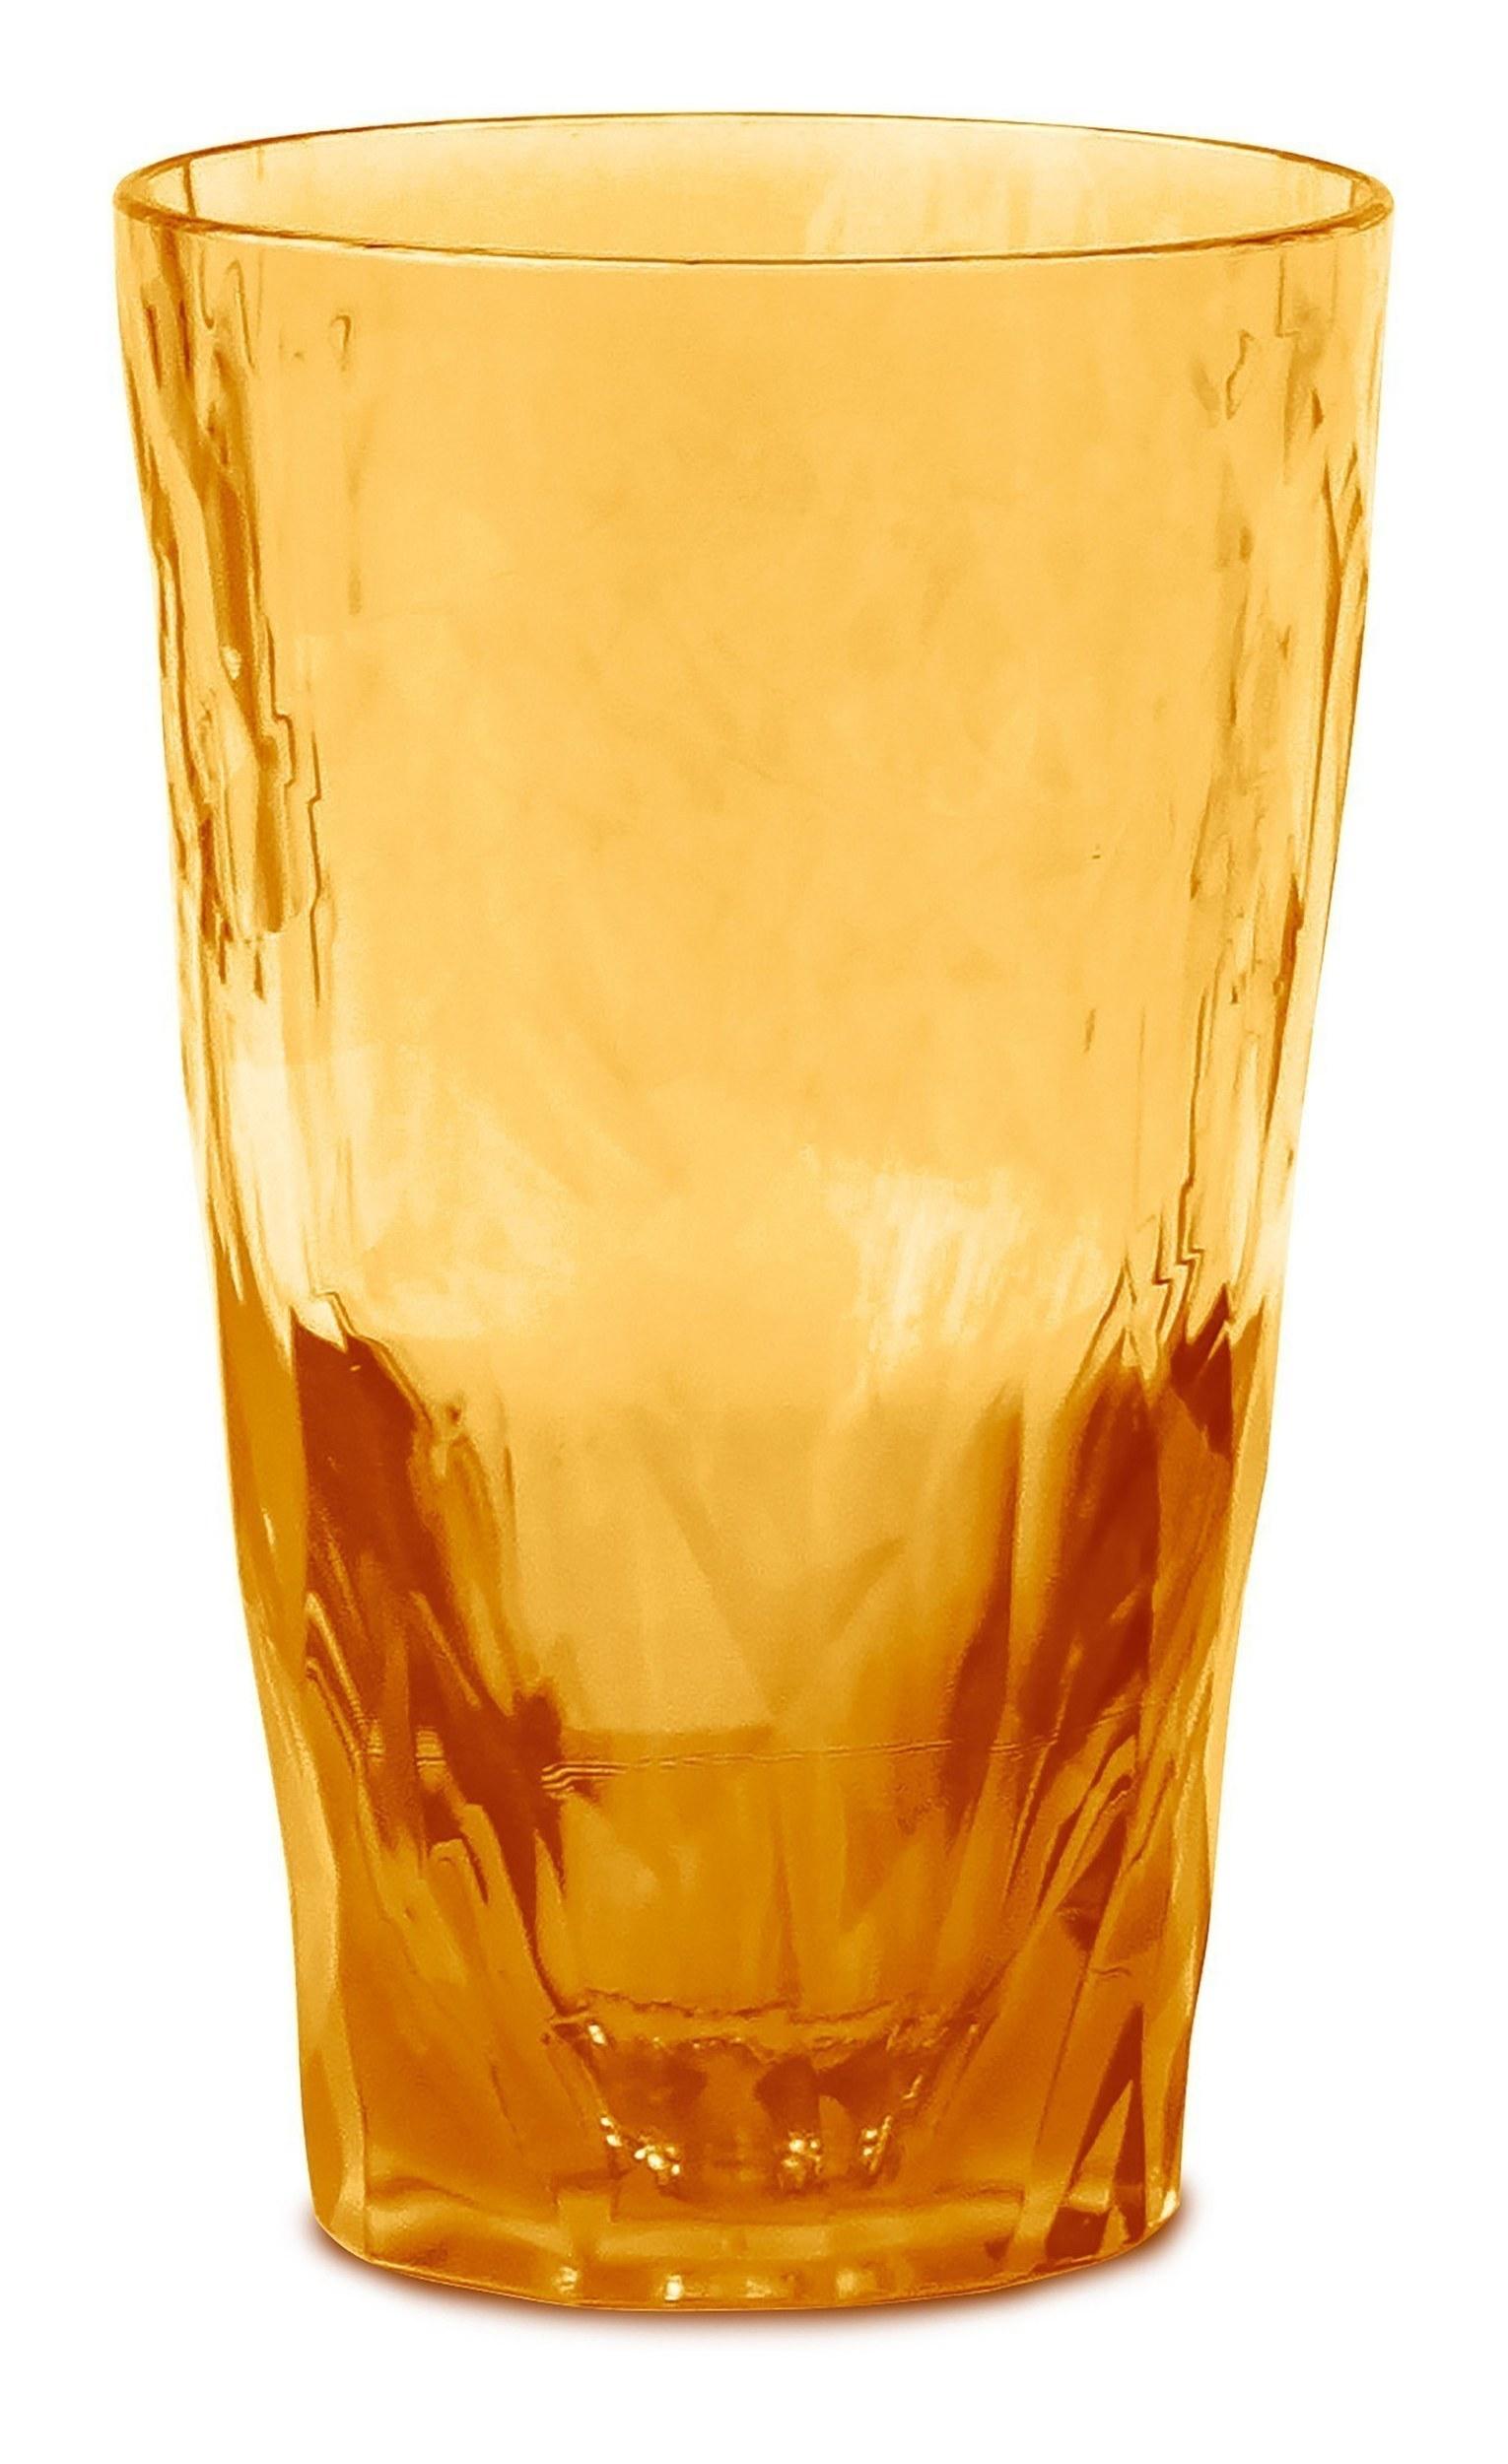 Szklanka do longdrinków Club Extra amber